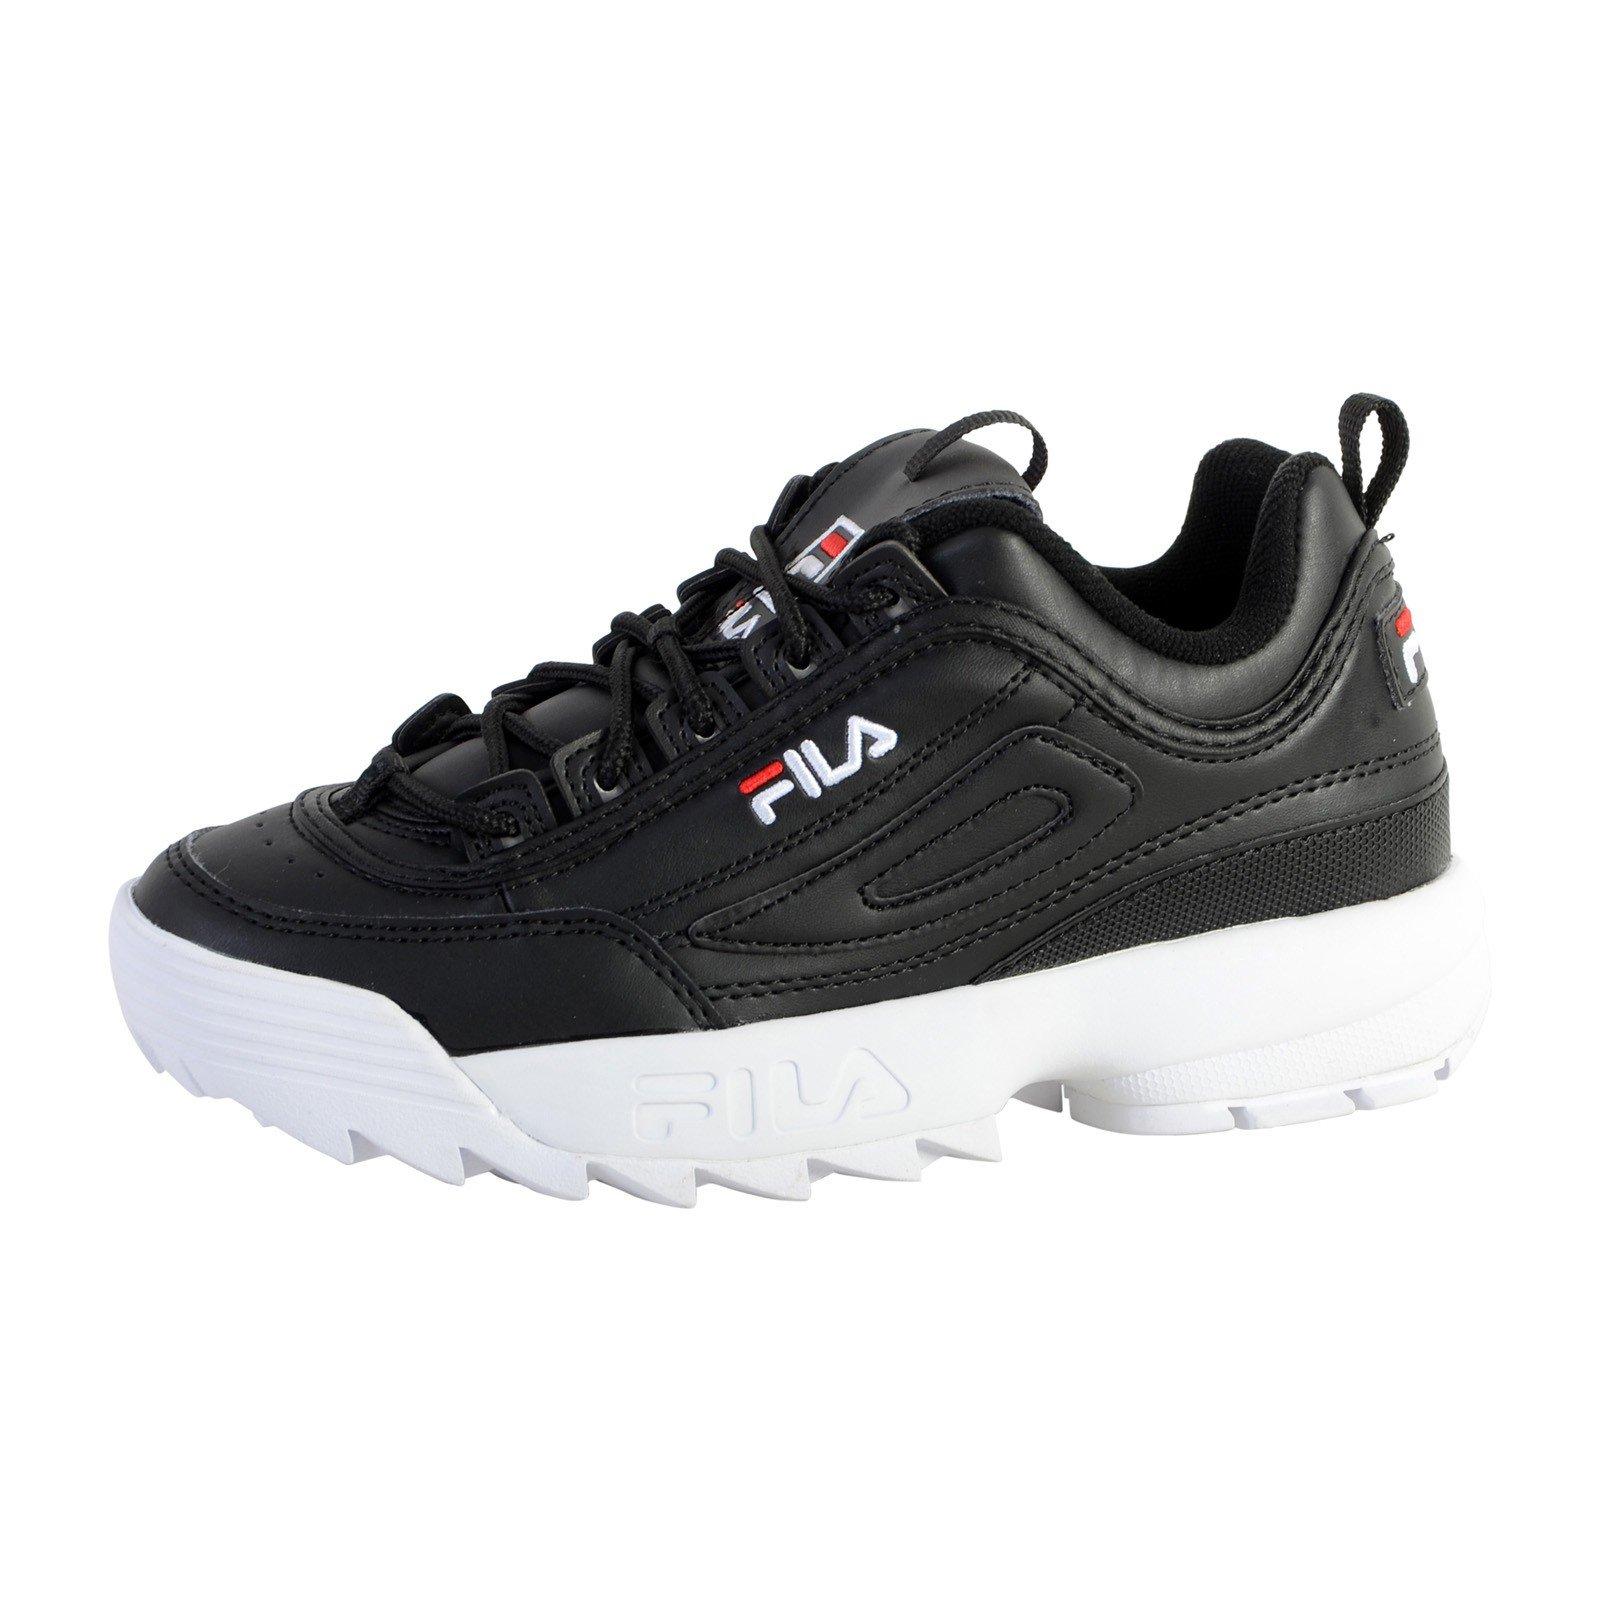 Fila Damen Disruptor S Low Wmn 1010436-70w Sneaker